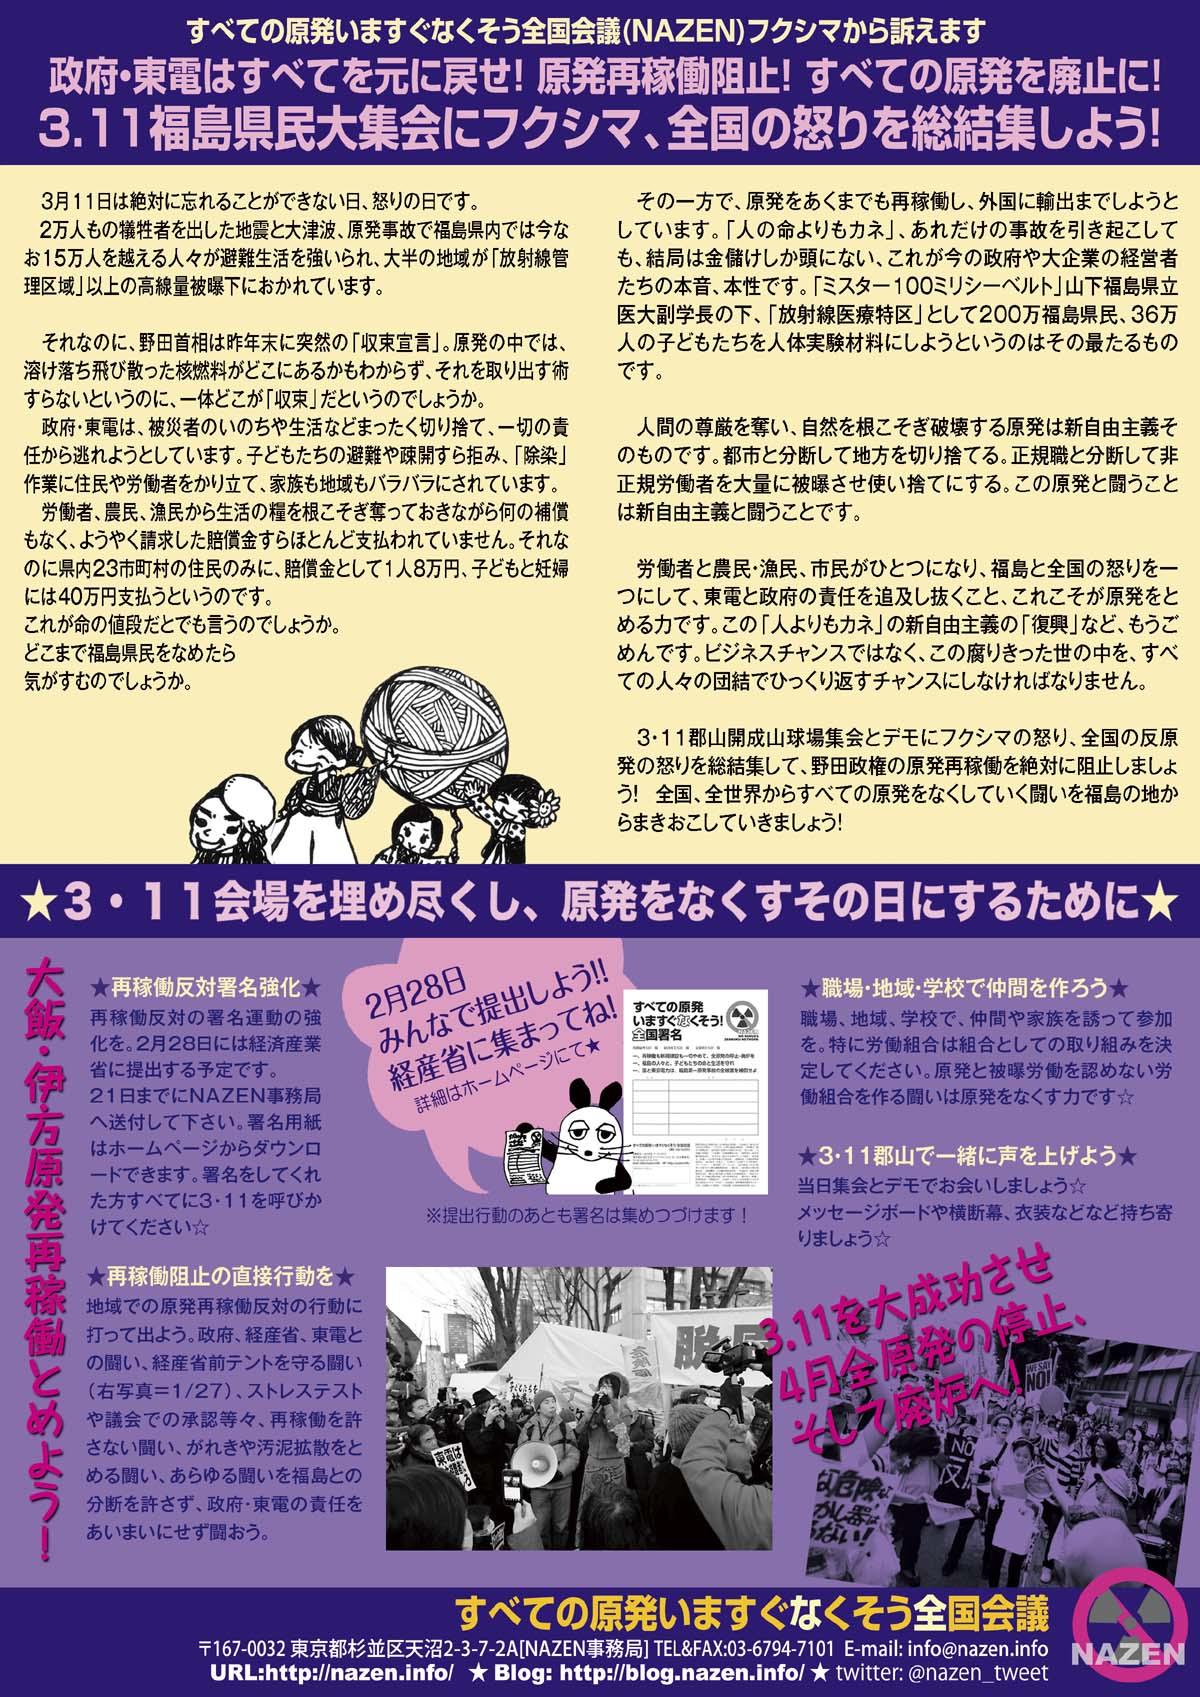 「原発いらない!3・11福島県民大集会」へ参加しましょう!岡山からワゴン車を出します。_a0238678_10311668.jpg